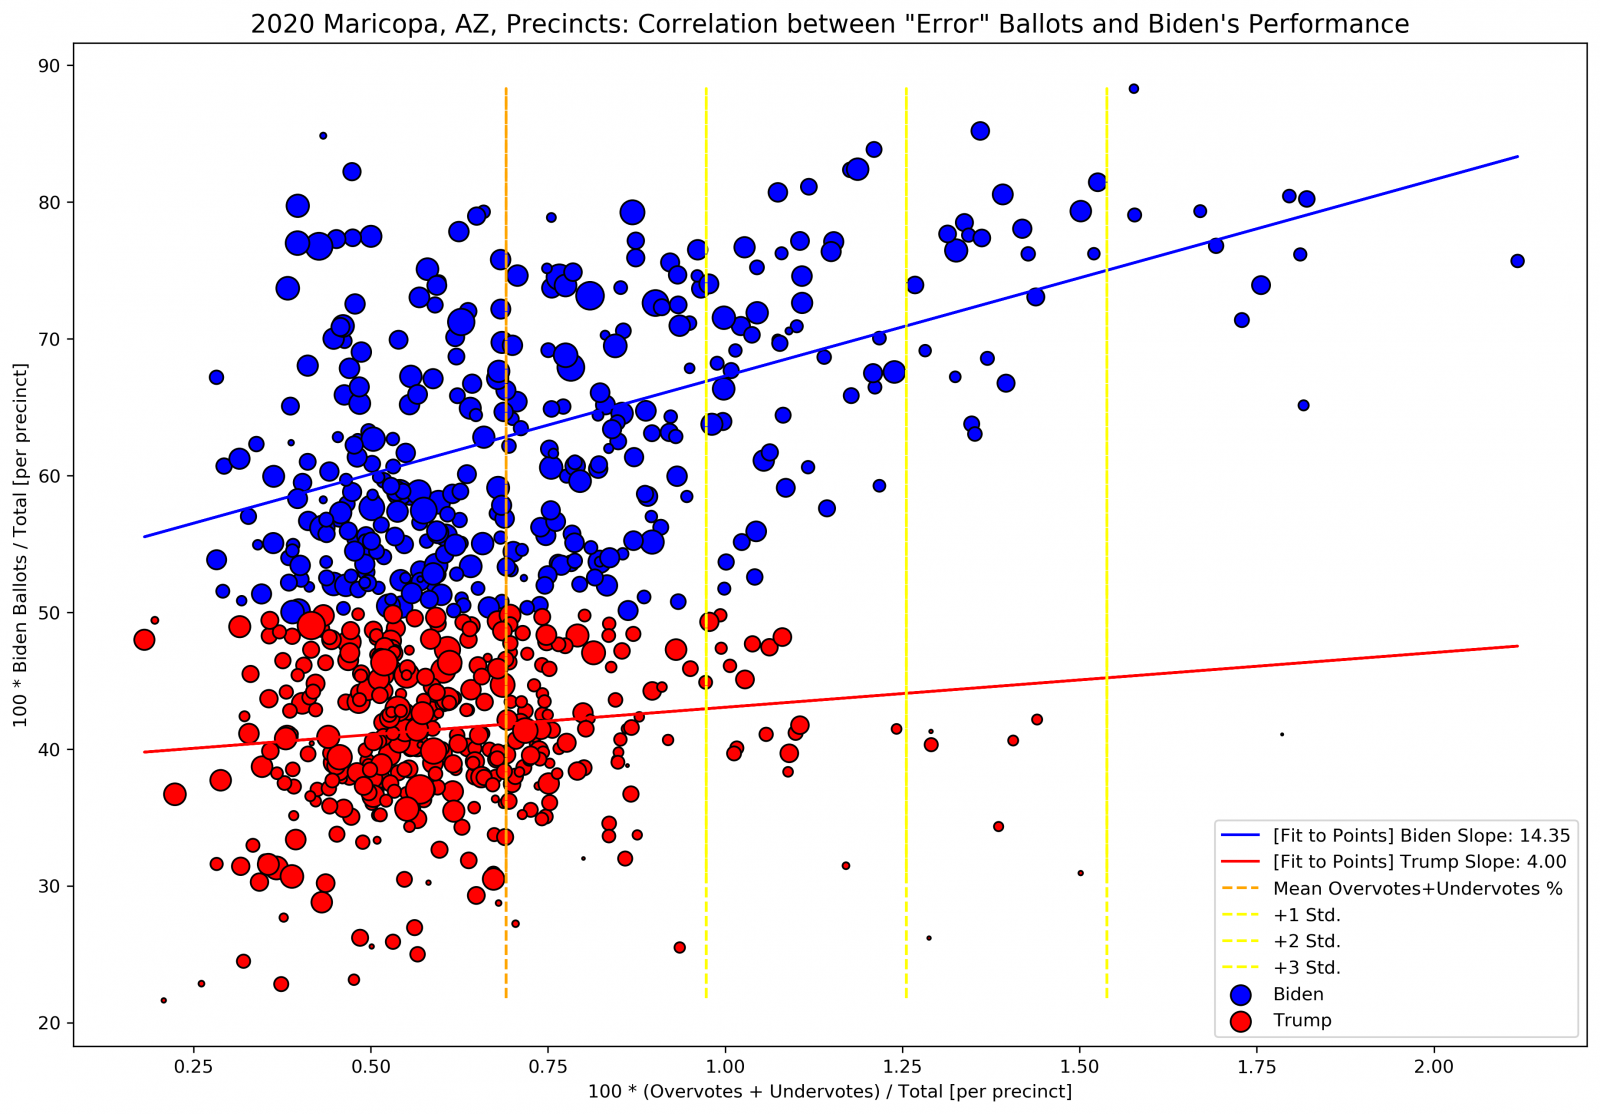 maricopa_overundervotes_vs_biden_percent_per_precinct_2020.png